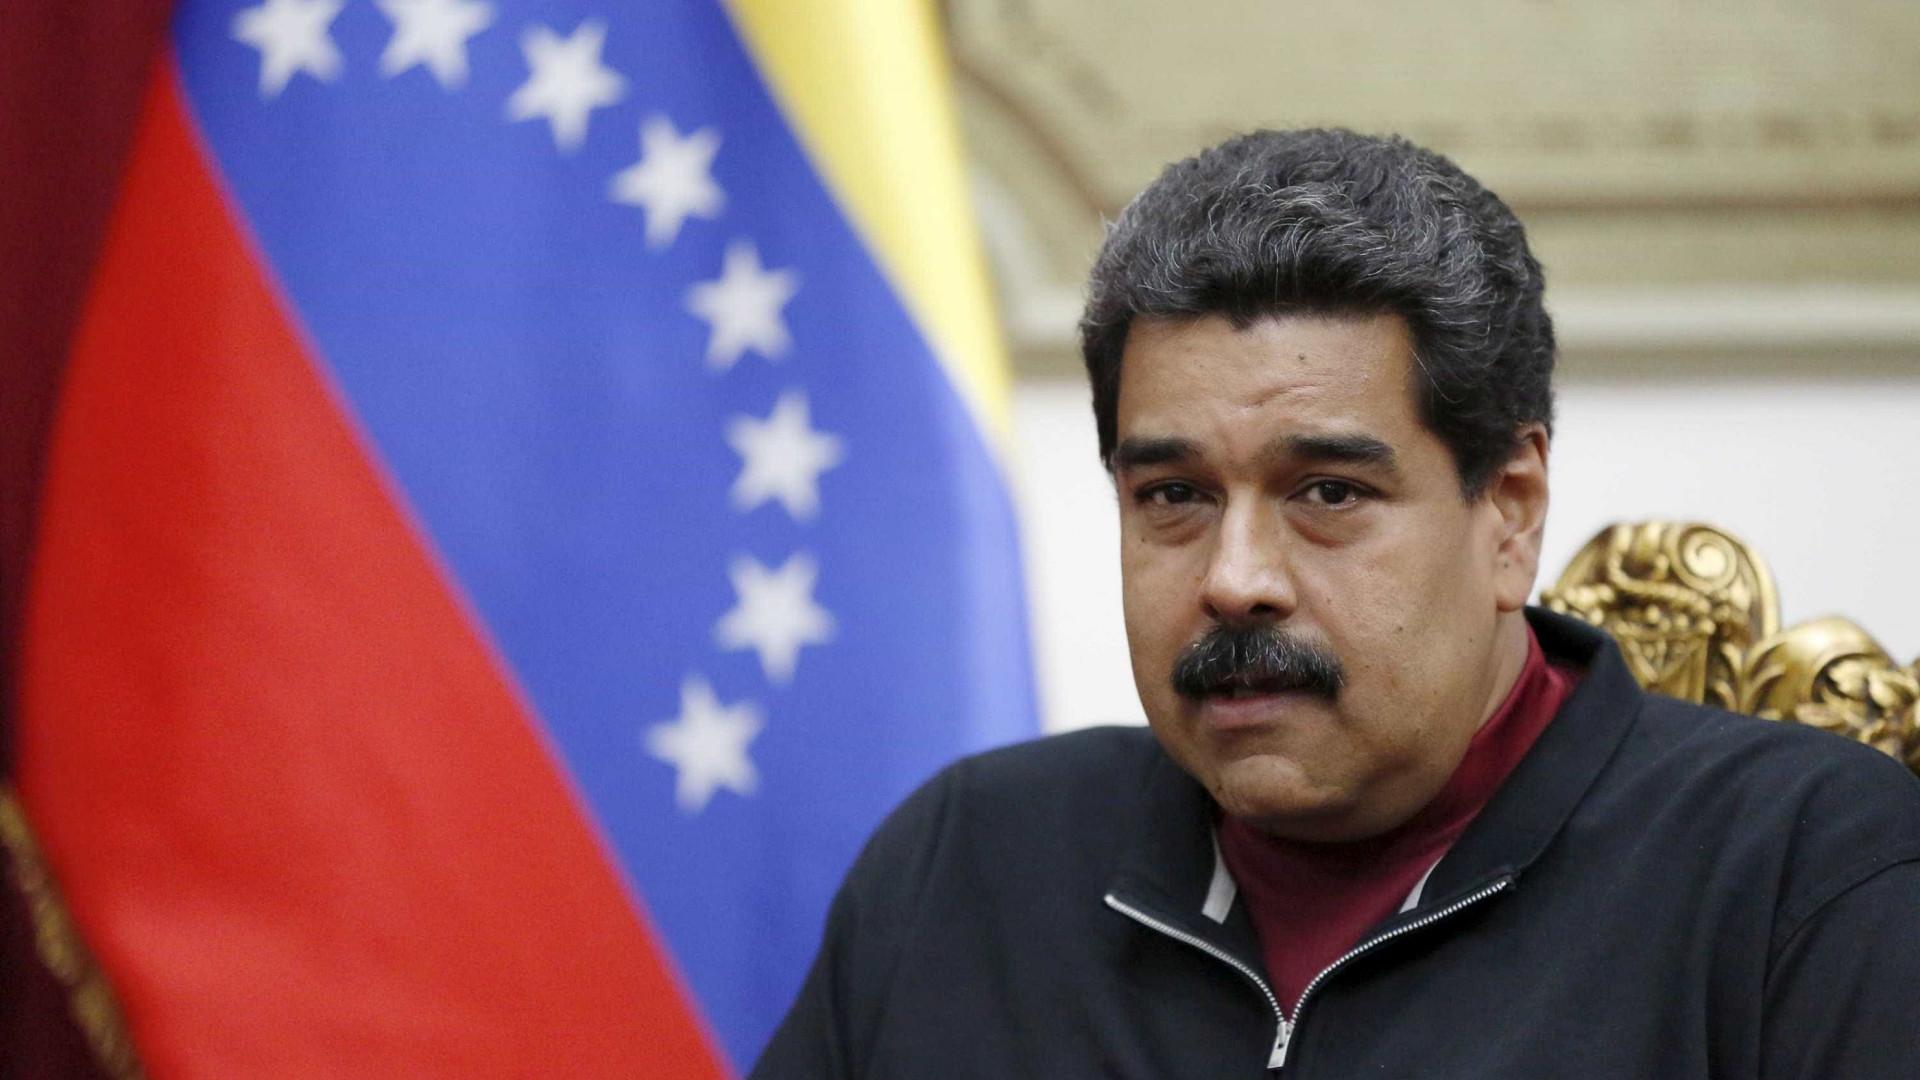 """Venezuela considera sanções europeias """"ilegais, absurdas e ineficazes"""""""